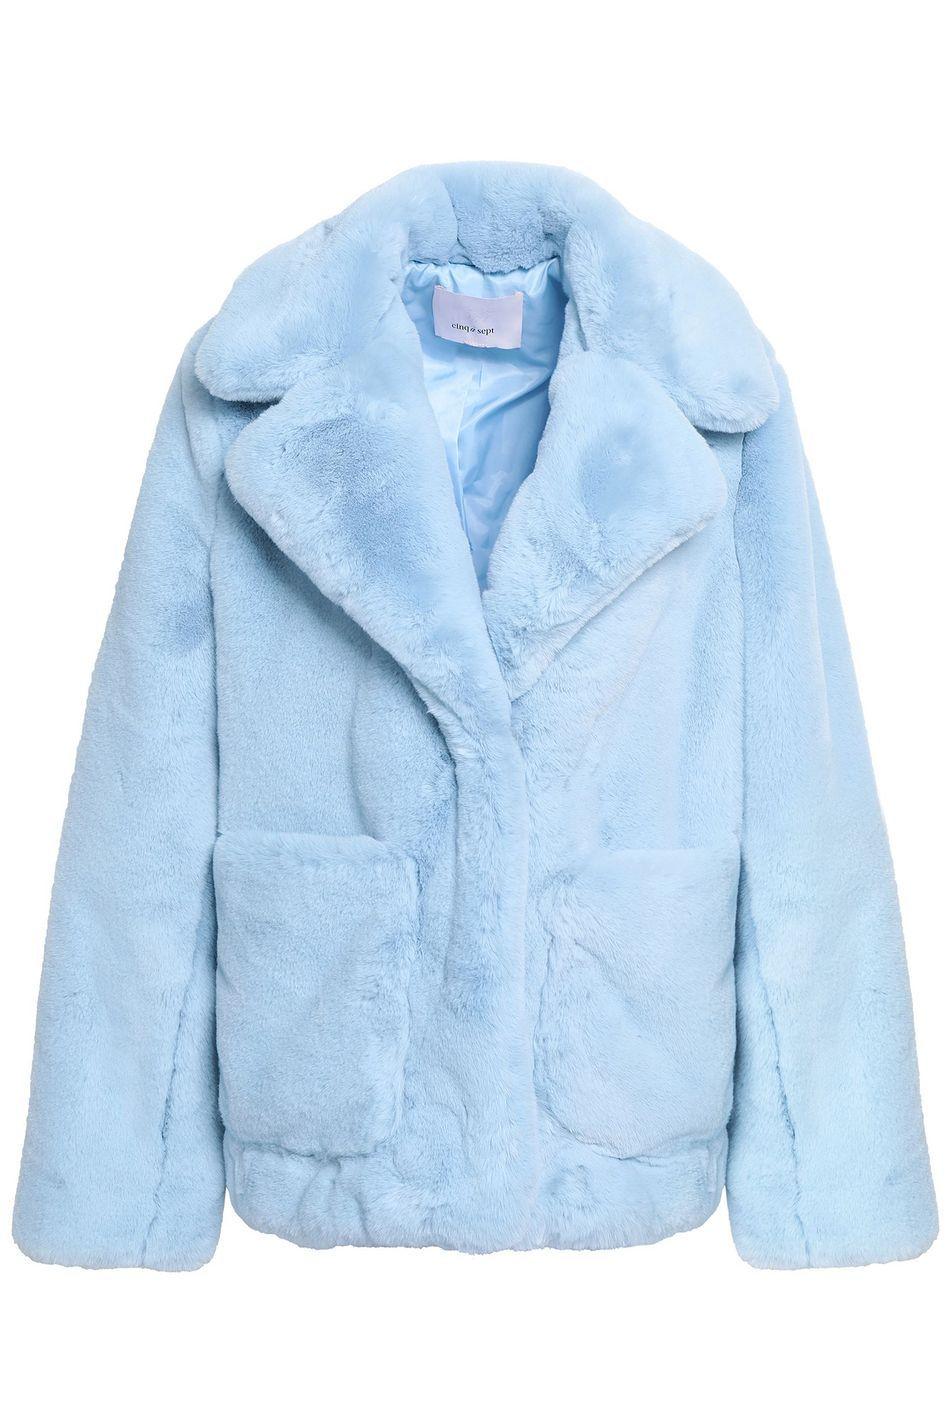 Light Blue Faux Fur Coat Sale Up To 70 Off The Outnet Cinq A Sept Blue Faux Fur Coat Faux Fur Coat Blue Fur Coat